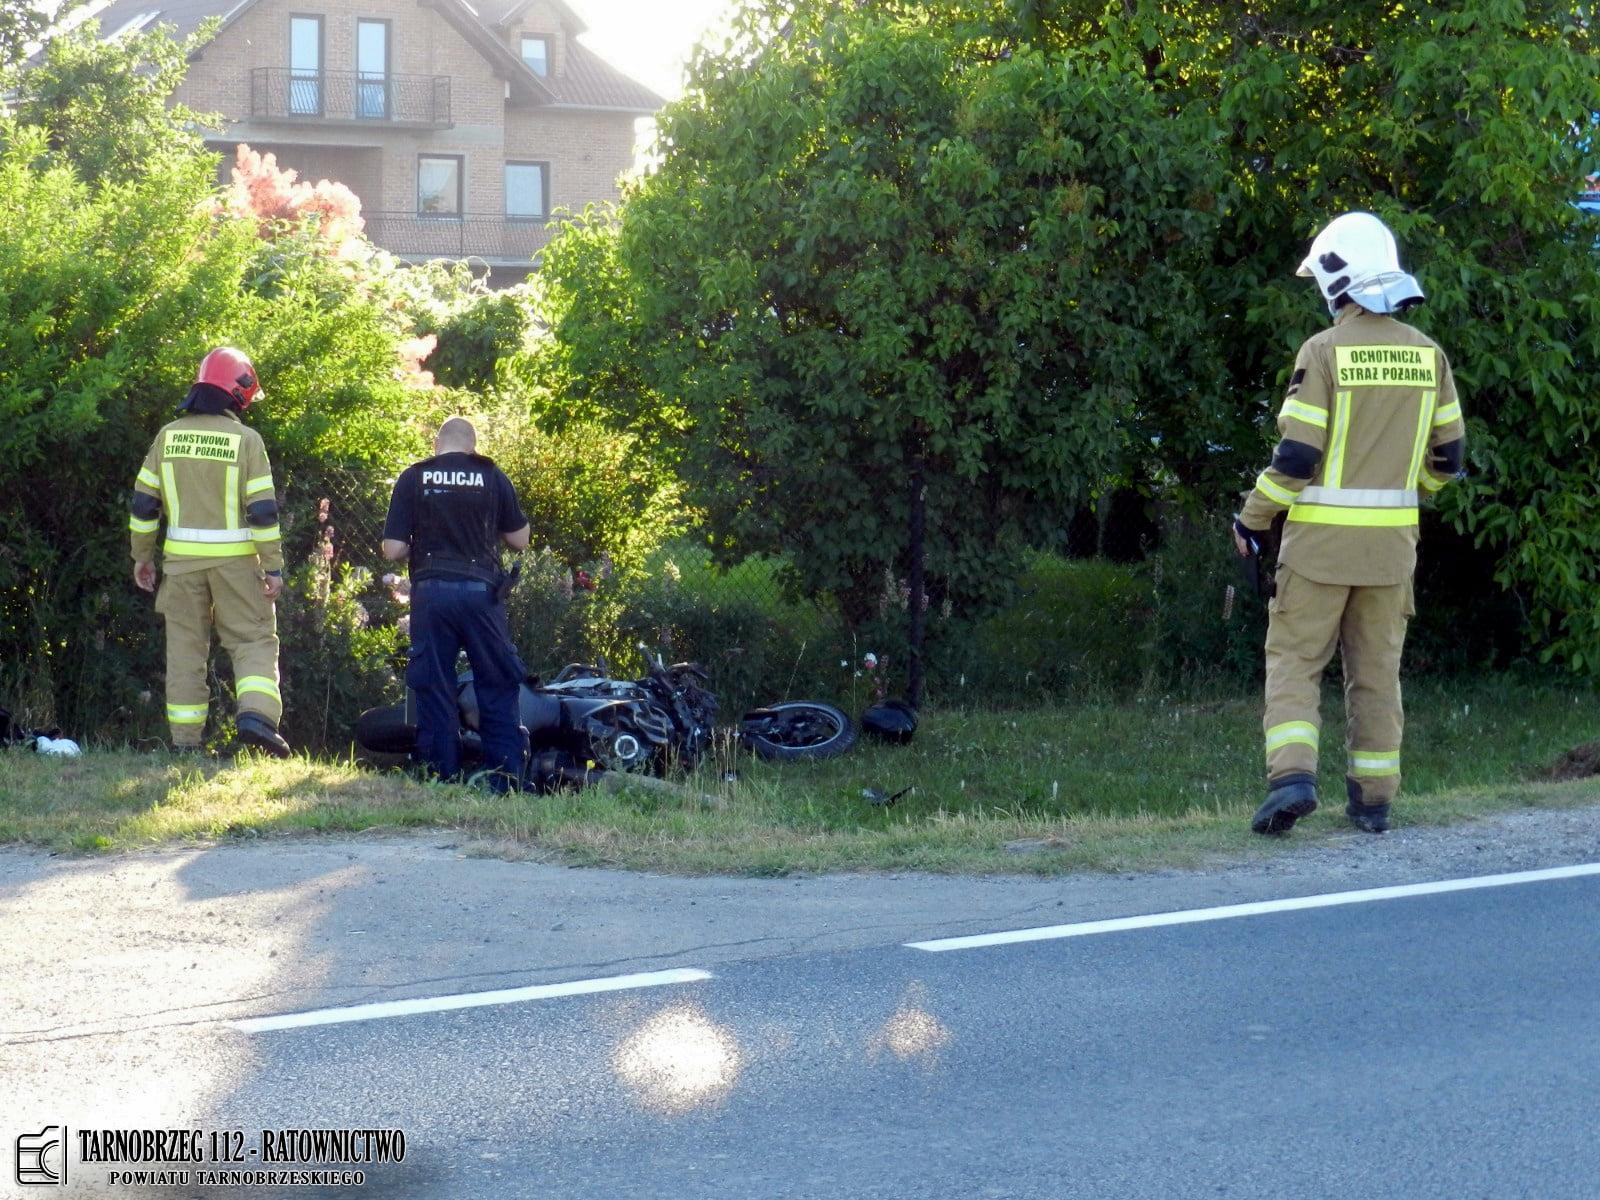 Wypadek na drodze krajowej numer 77! Motocyklista uderzył w pojazd ciężarowy! [ZDJĘCIA] - Zdjęcie główne